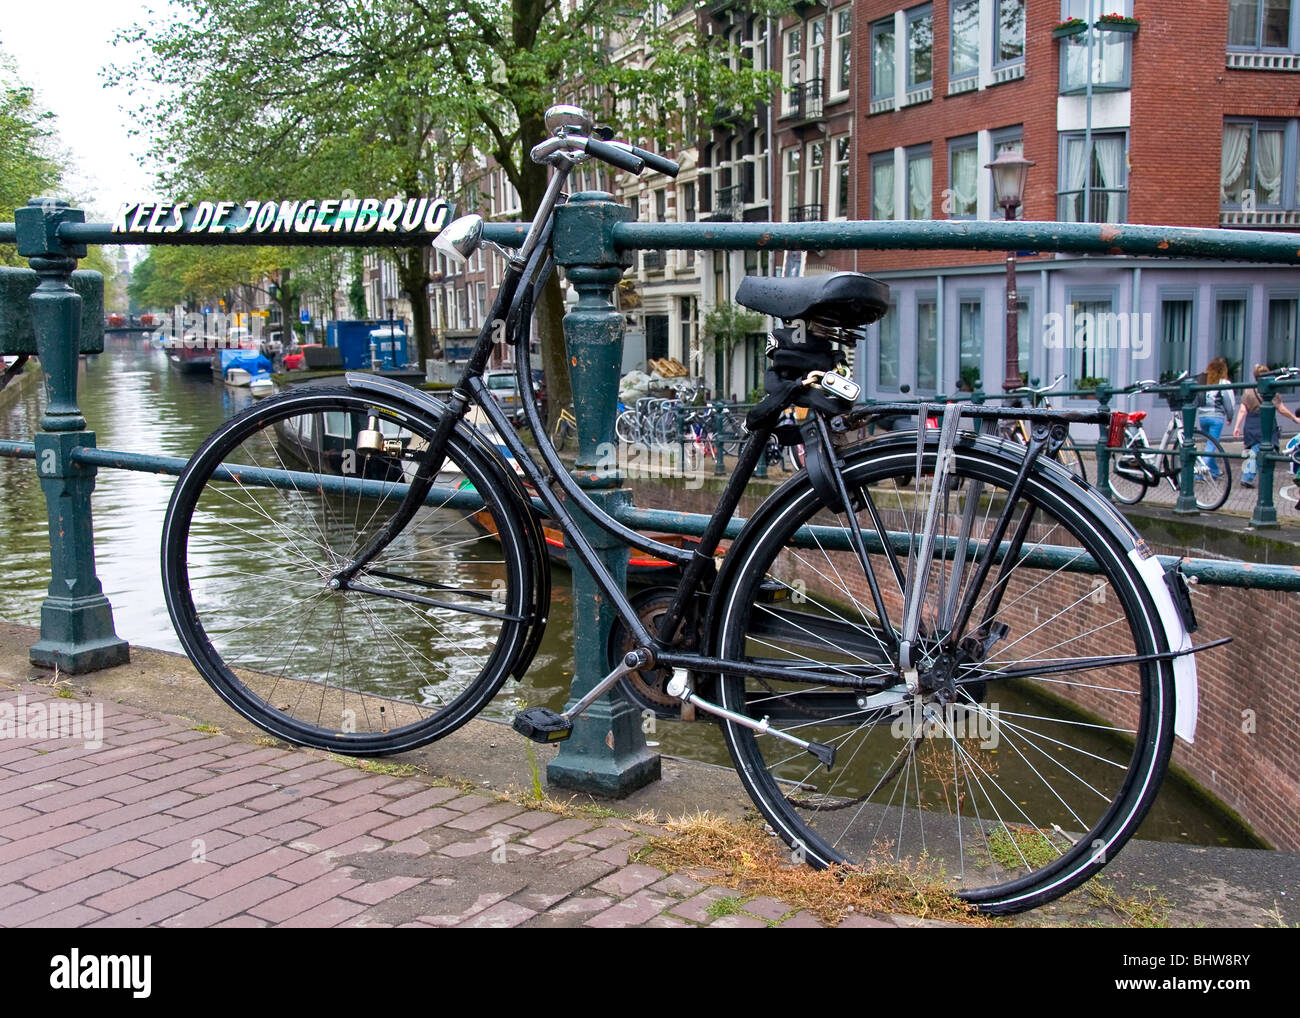 Location sur un pont-canal, Amsterdam, Pays-Bas Banque D'Images